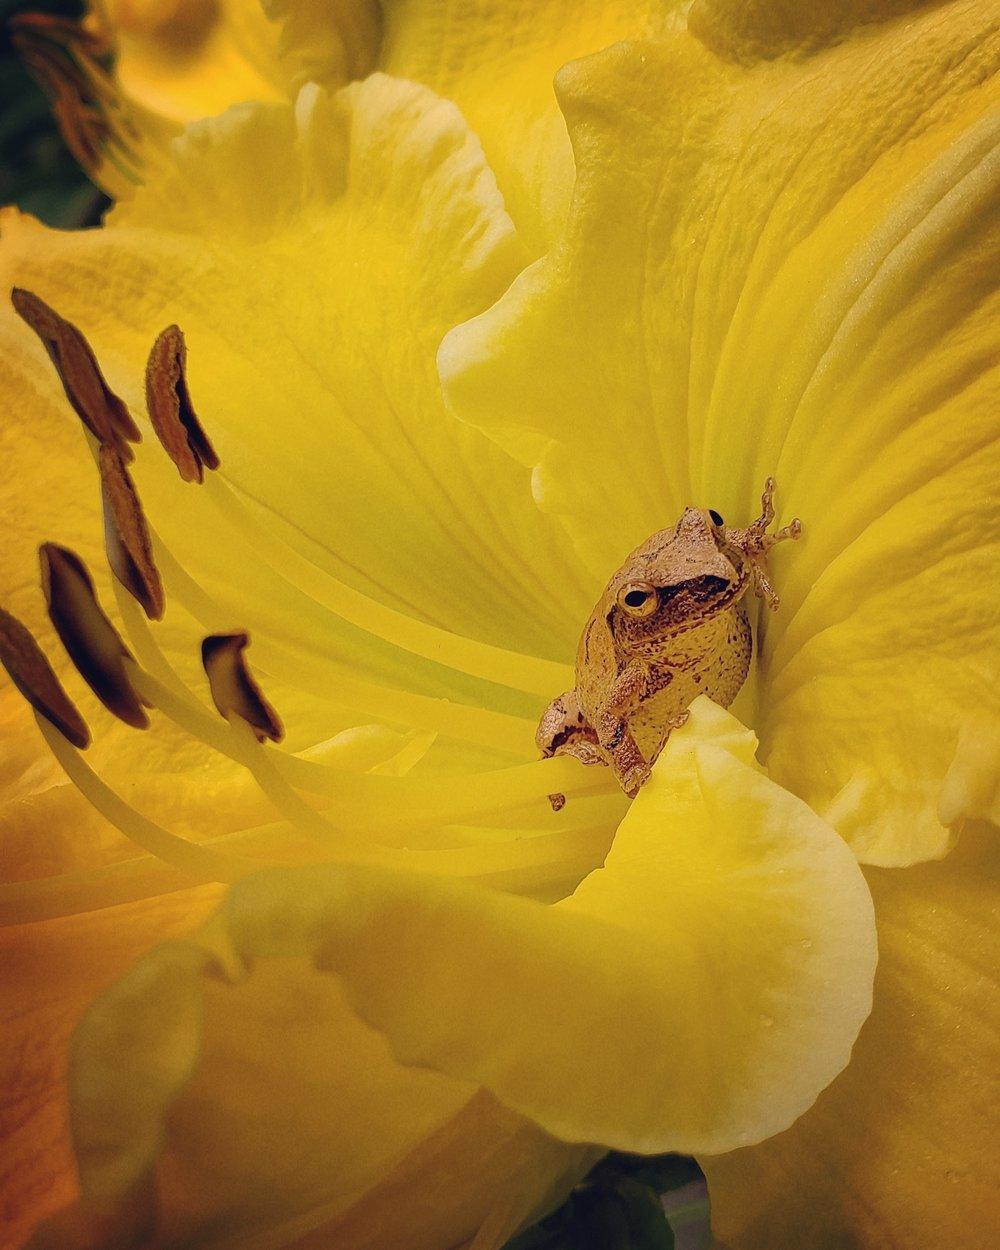 #5 Flowers Druckenbrod.jpg